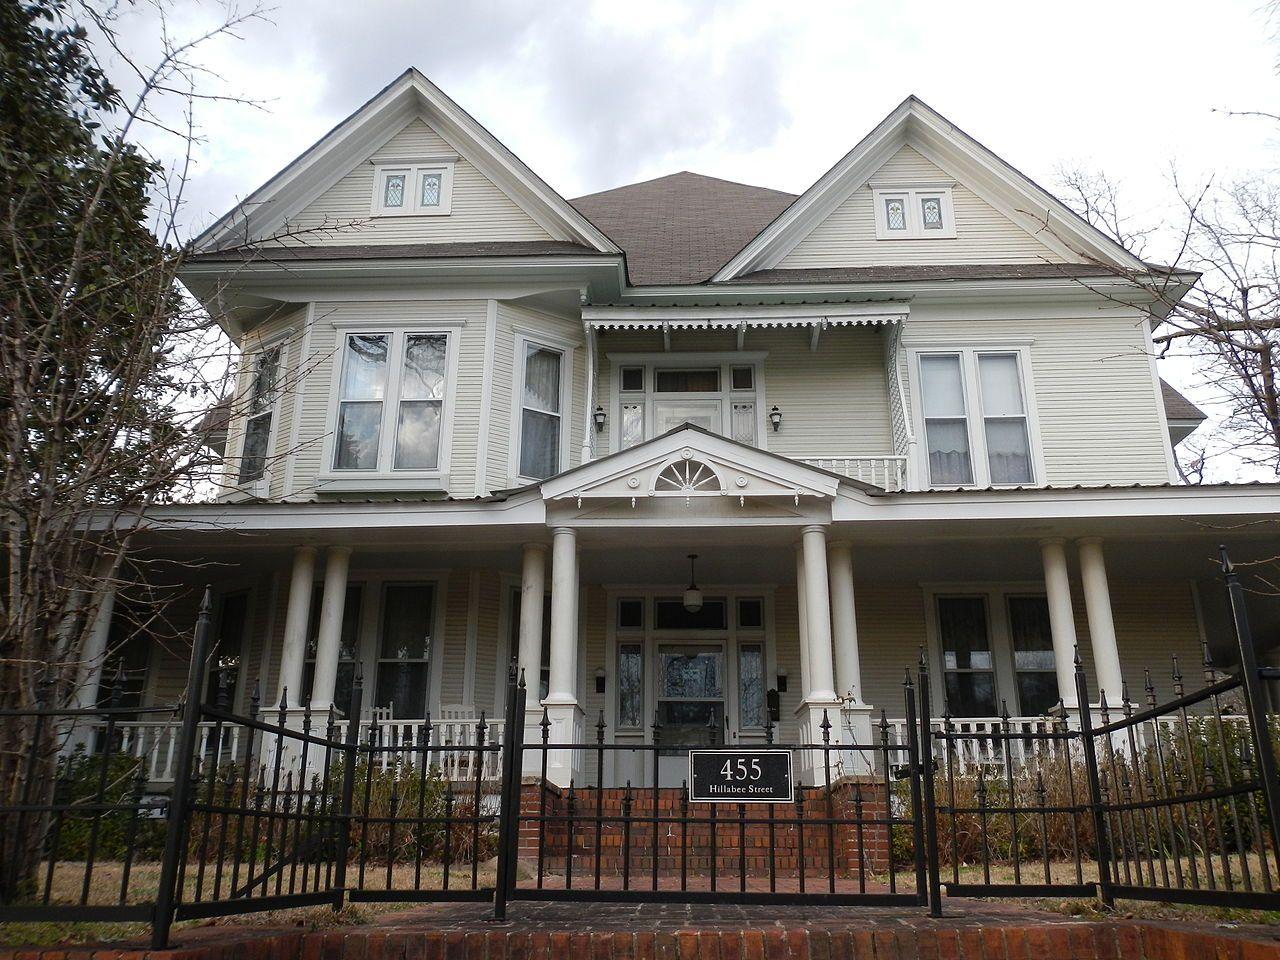 Alabama tallapoosa county - A J And Emma E Thomas Coley House In Tallapoosa County Alabama